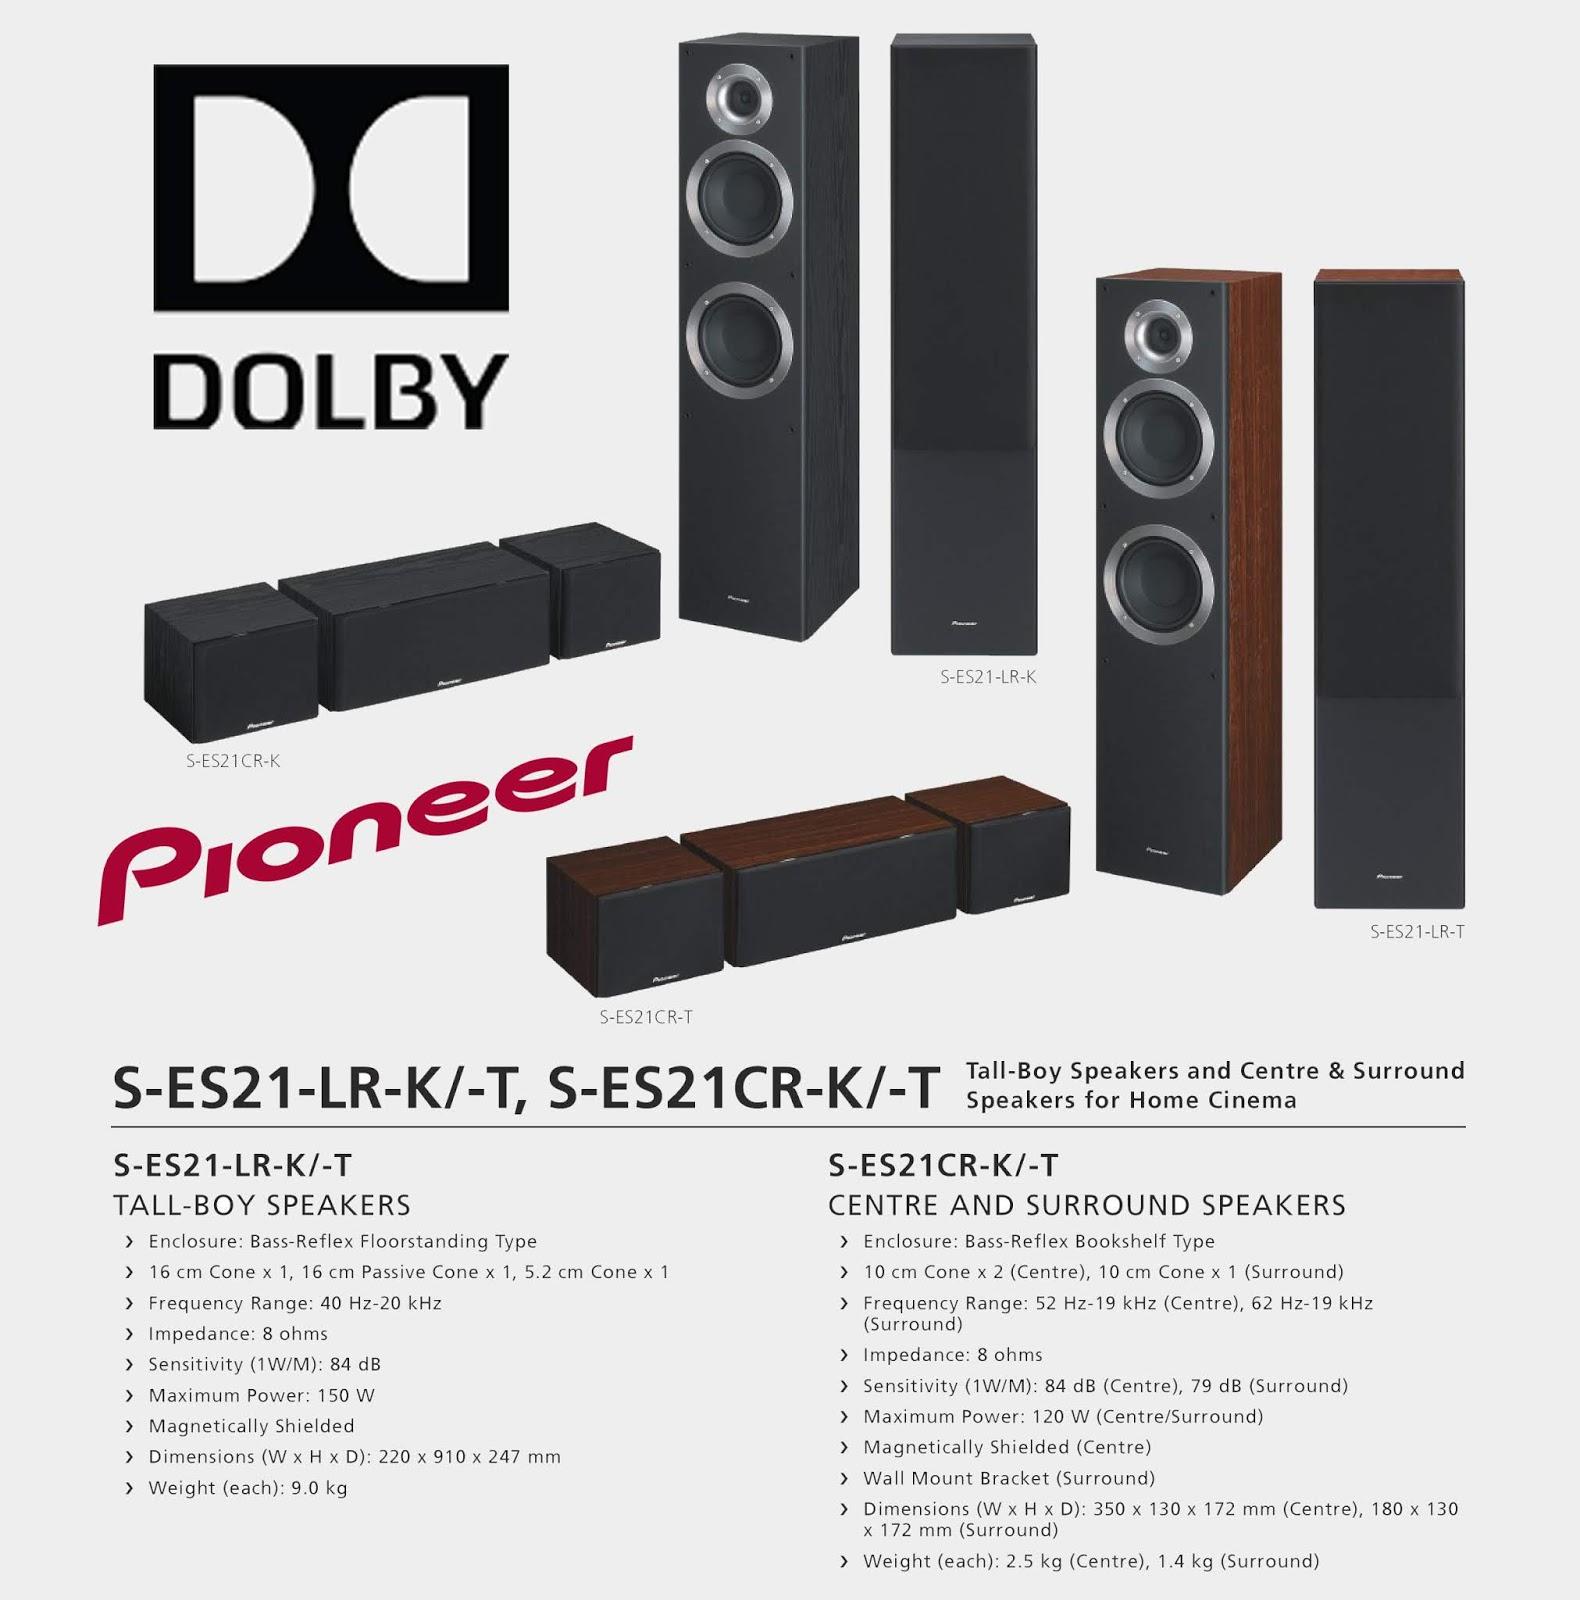 S-ES21-LR-K Pioneer Home Theater Speakers - 5 0 - PIONEER